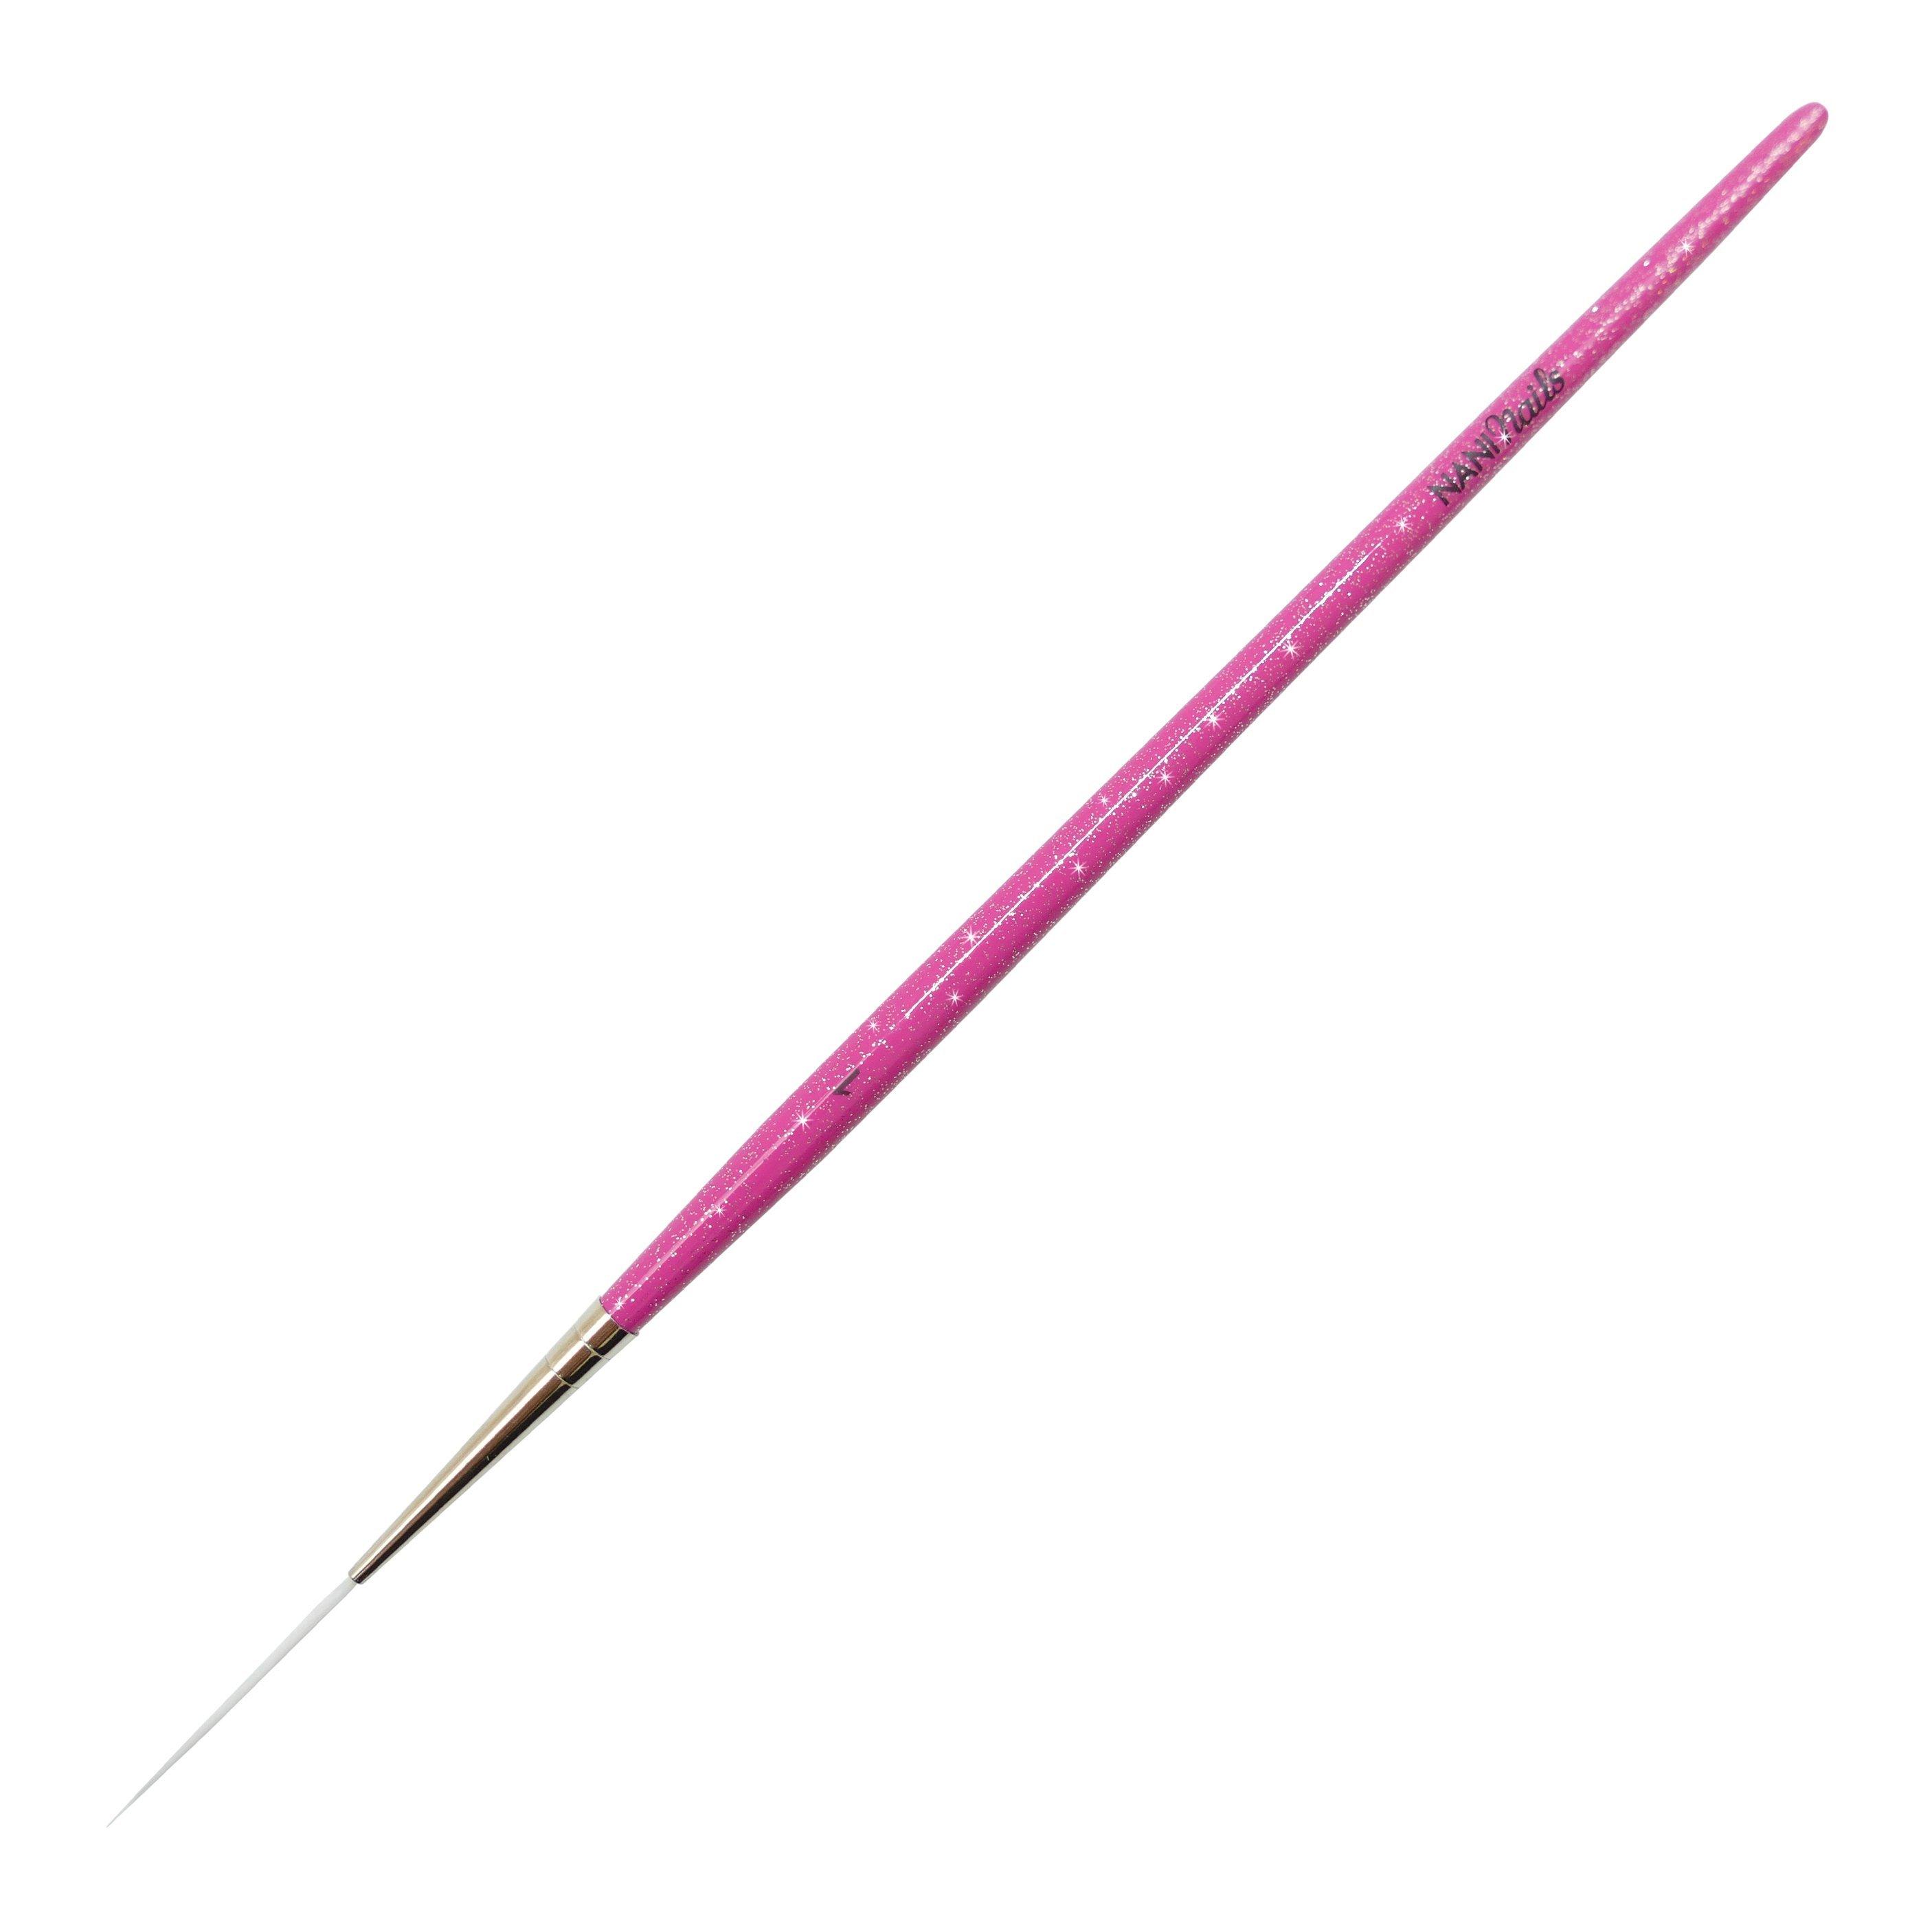 NANI zdobiaci štetec, veľ. 1 - Glitter Pink